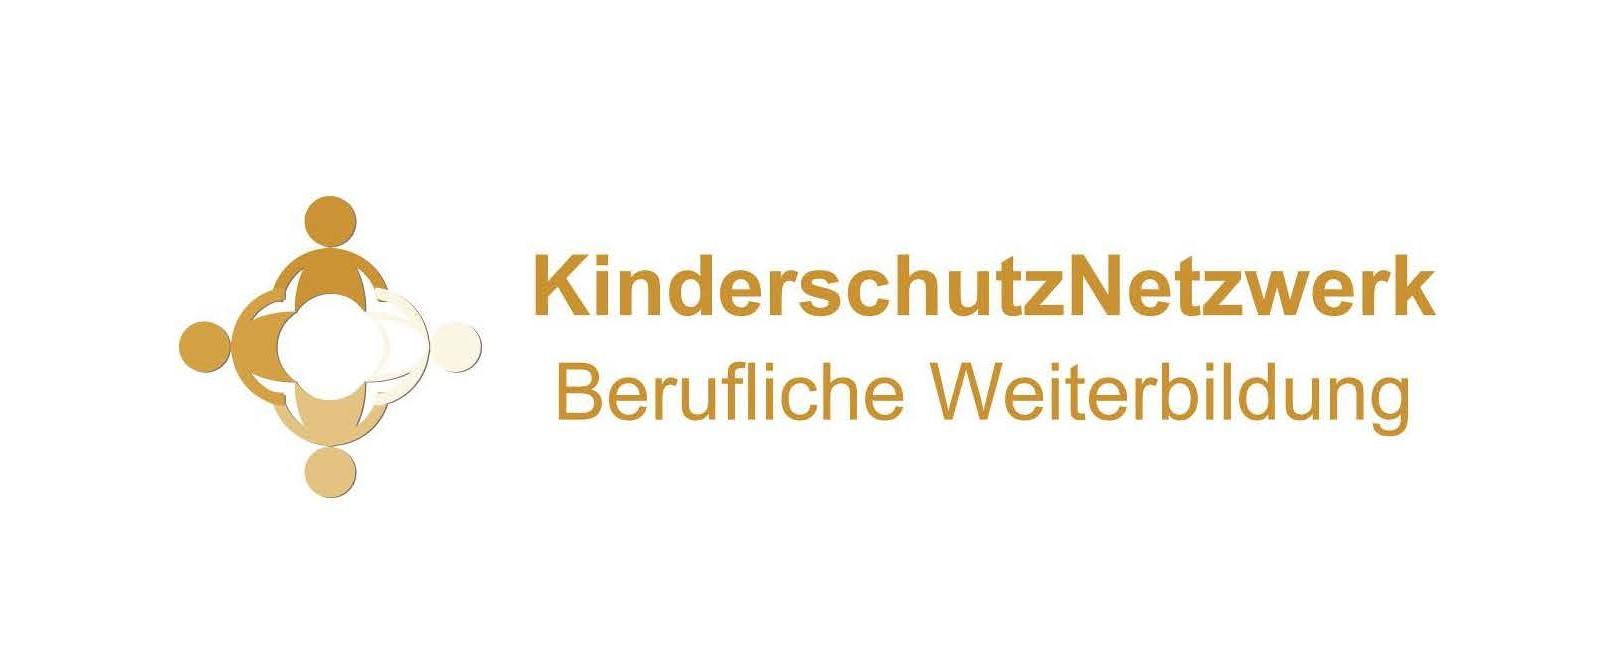 KinderschutzNetzwerk Logo